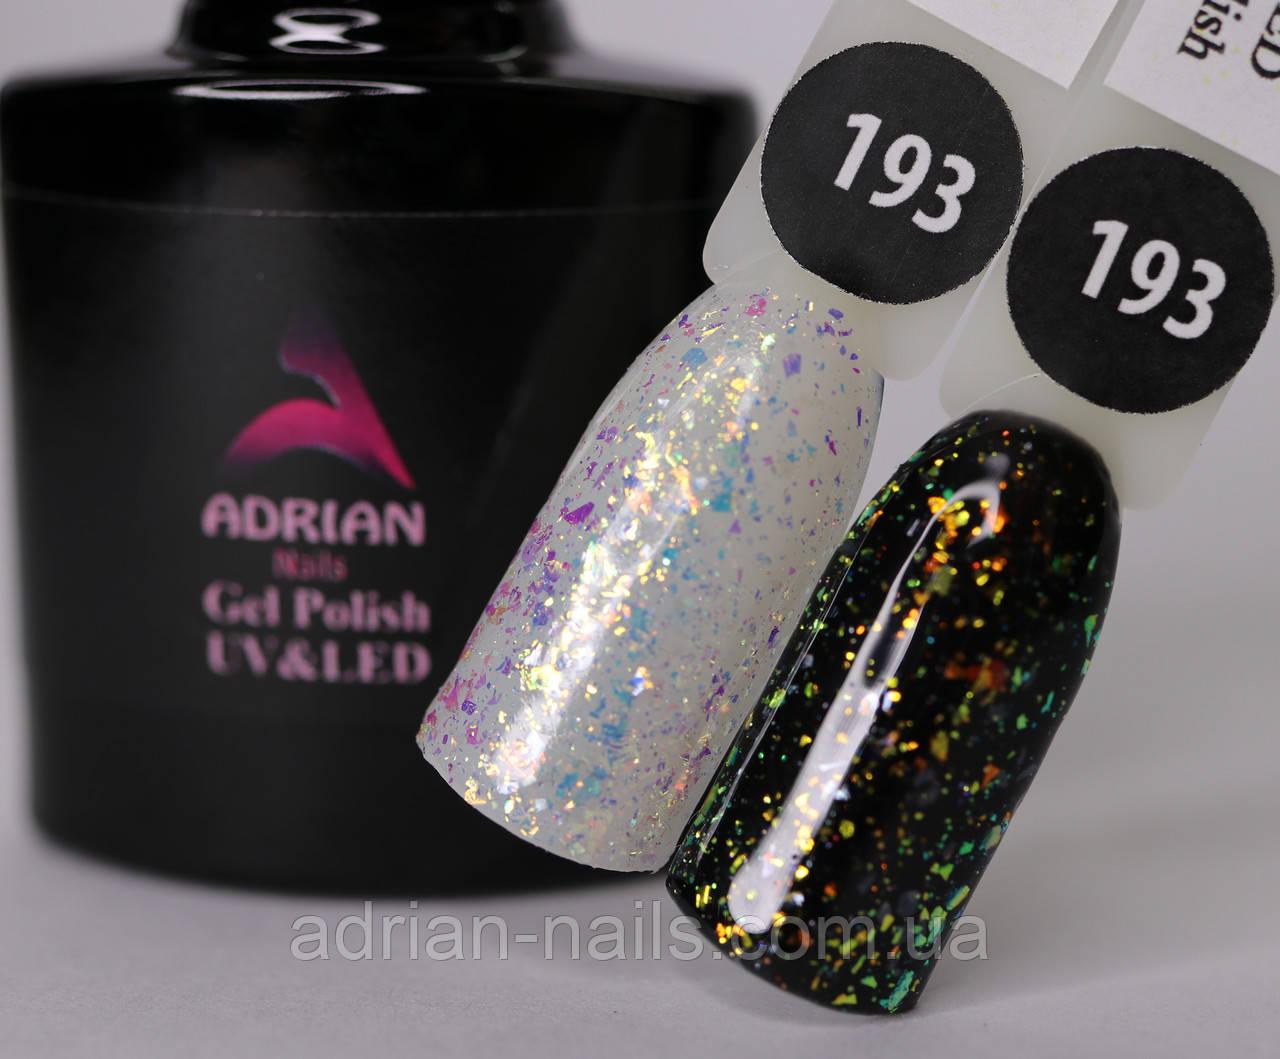 Гель-лак Adrian Nails 10ml - 193